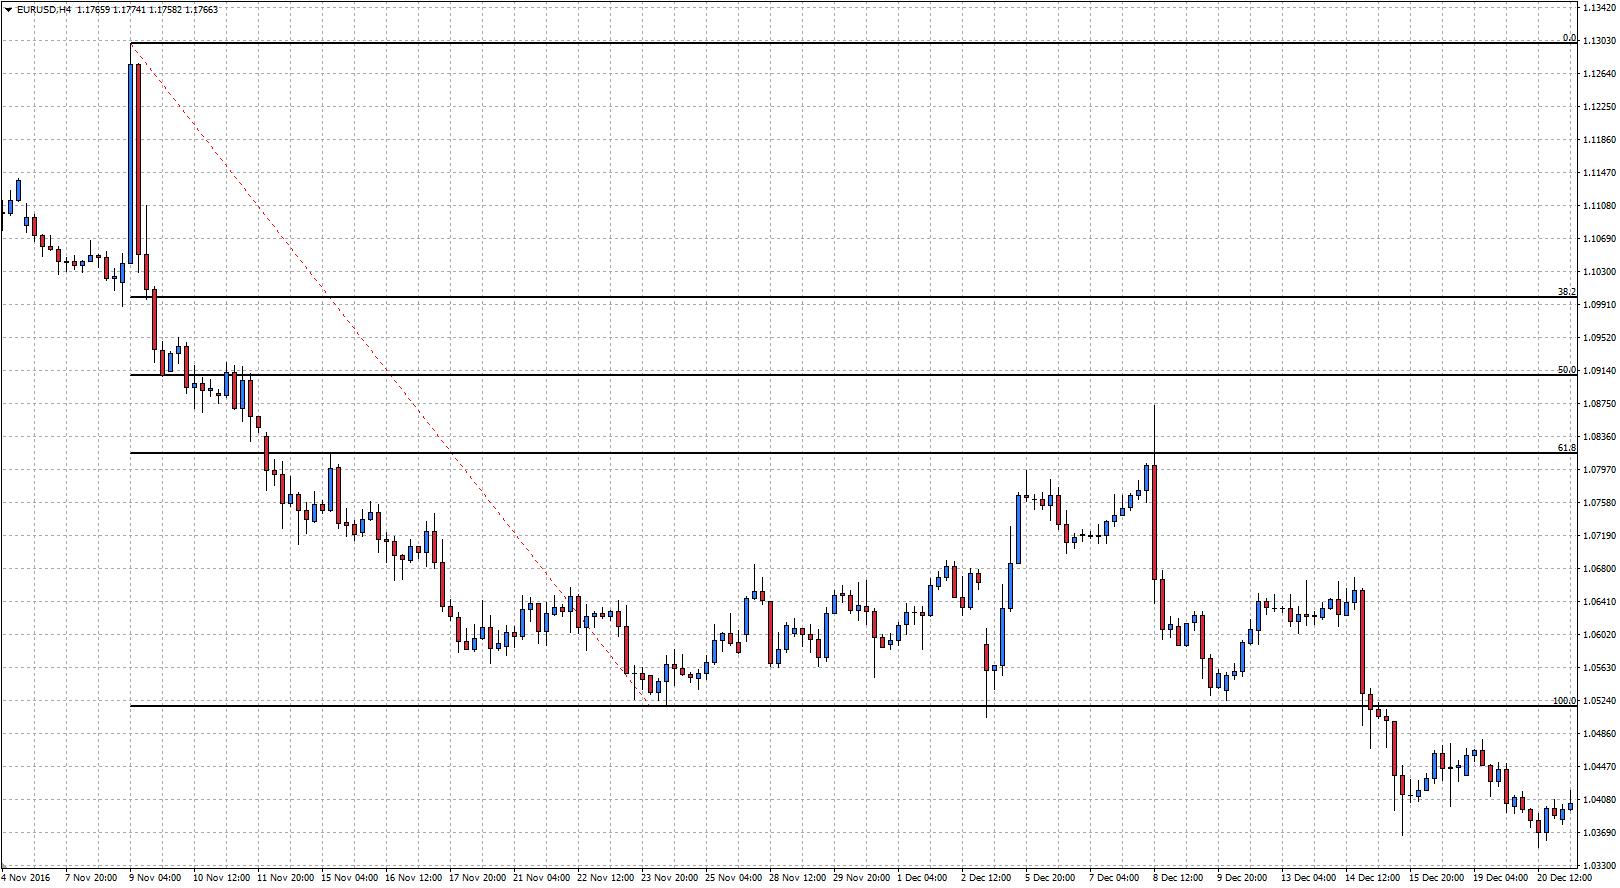 Fibonacci bajista en el gráfico diario del EURUSD en Metatrader 4 con Admiral Markets